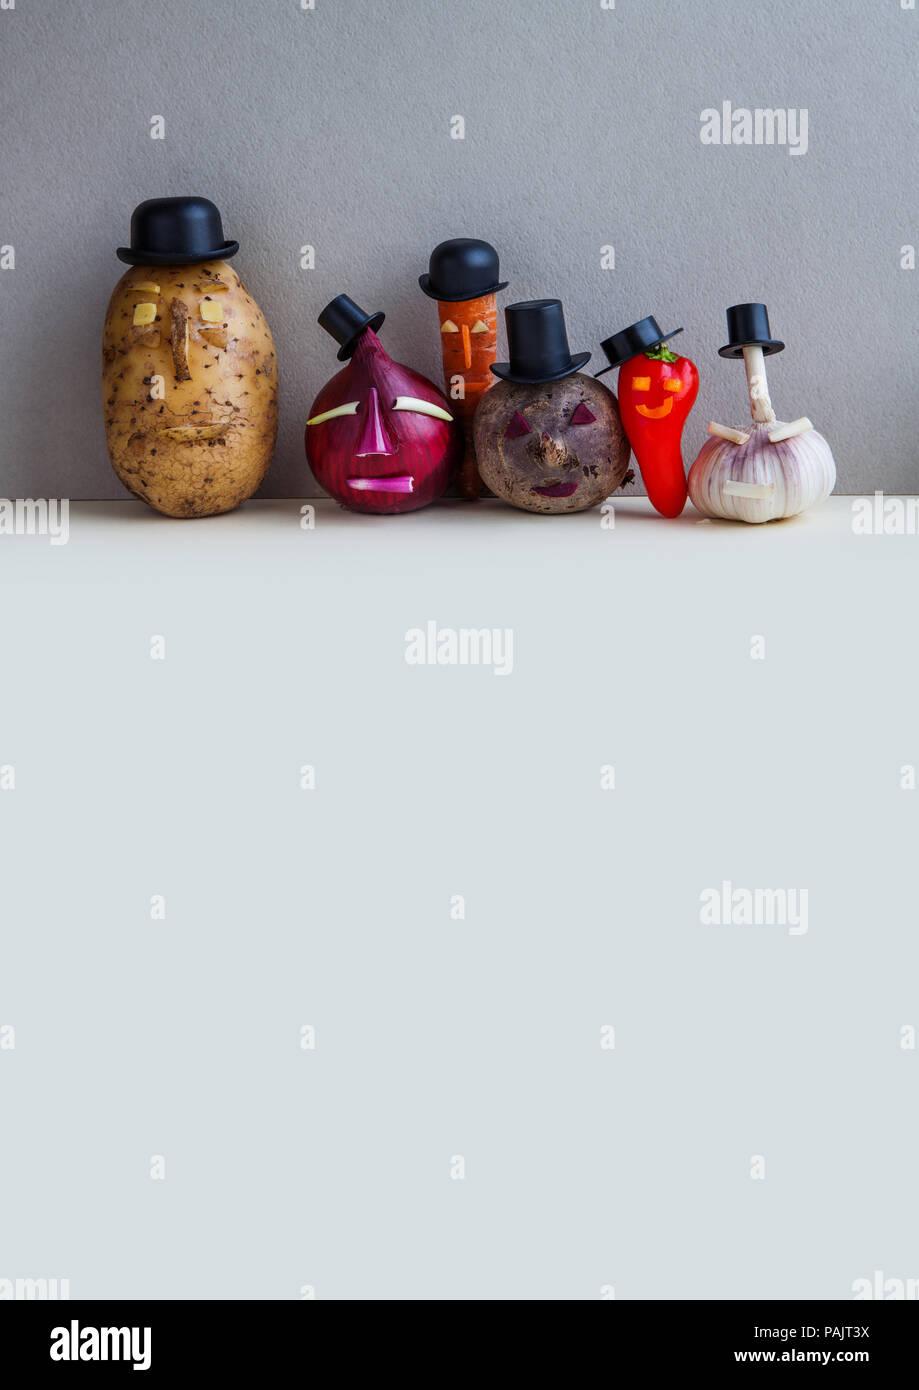 Mister patata cebolla ajo pimiento rojo remolacha zanahoria. Viejo Estilo  de moda personajes centrales 4787920c9b7